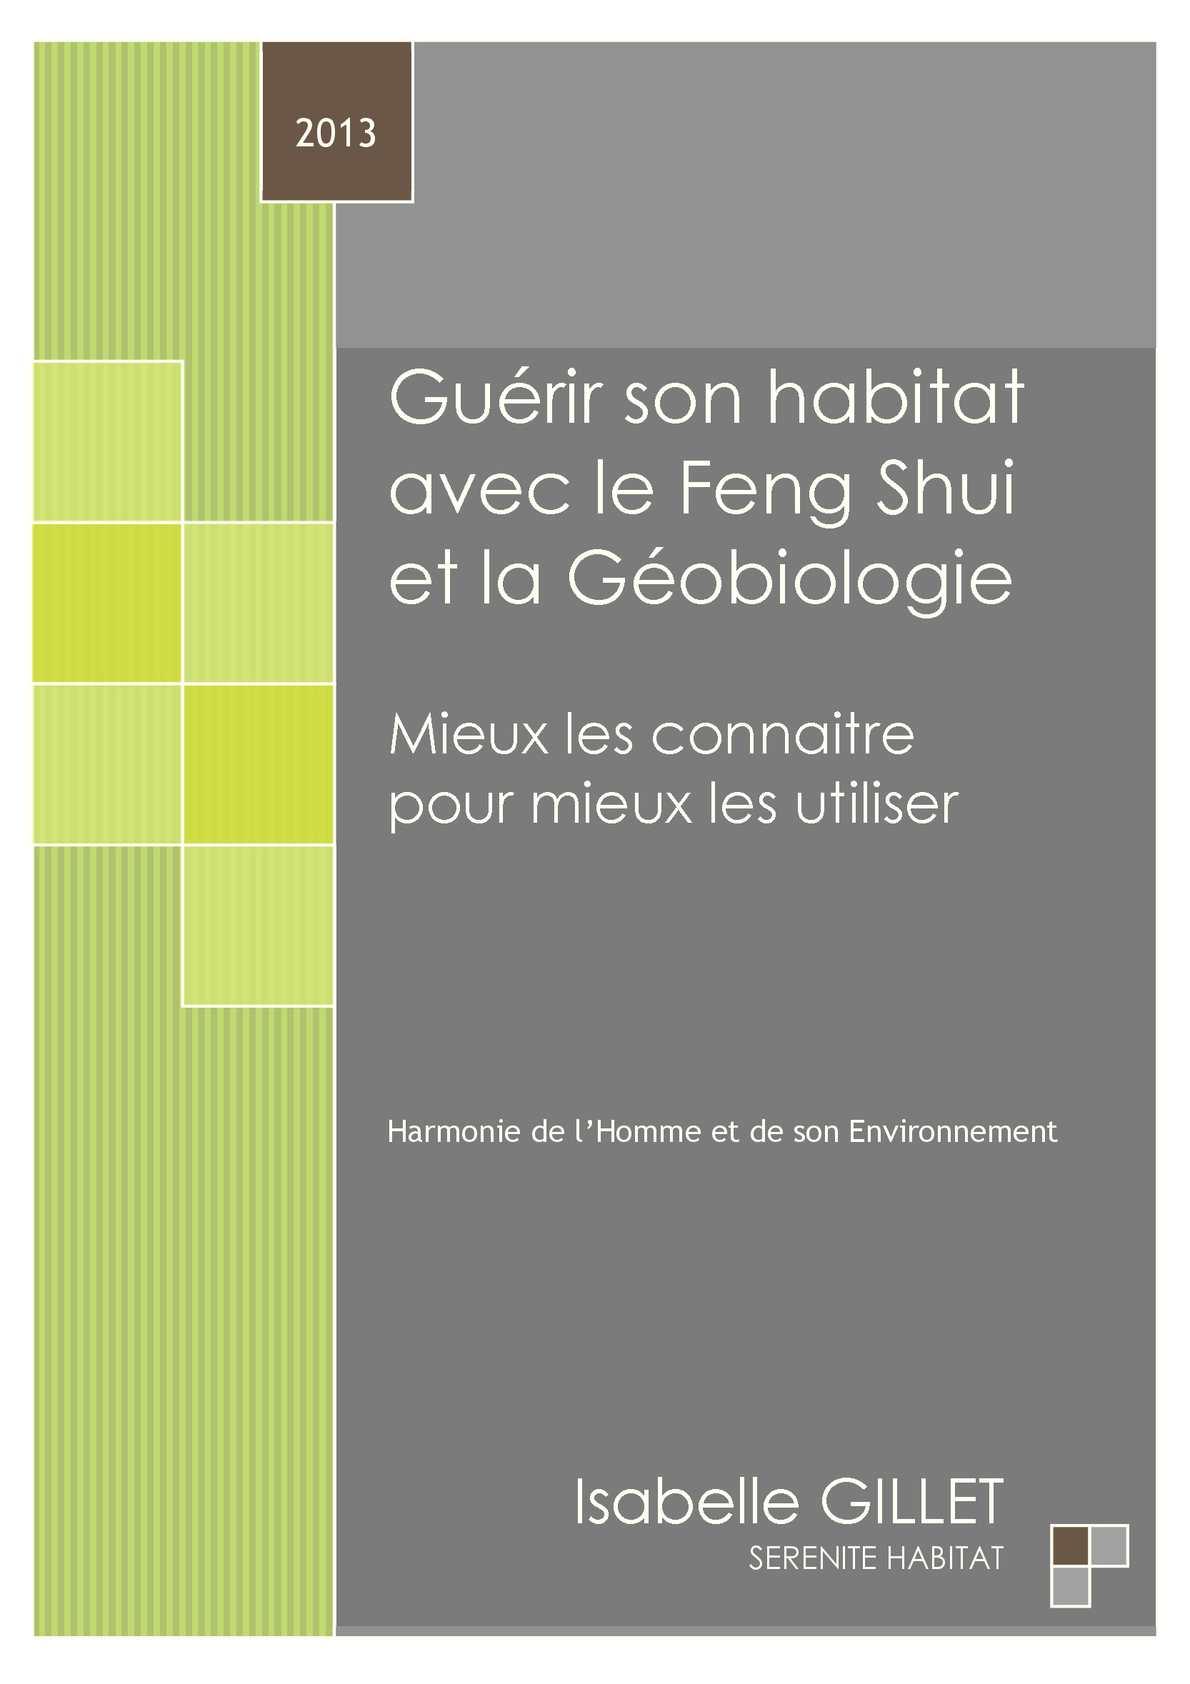 calam o gu rir son habitat avec le feng shui et la g obiologie mieux les connaitre pour. Black Bedroom Furniture Sets. Home Design Ideas